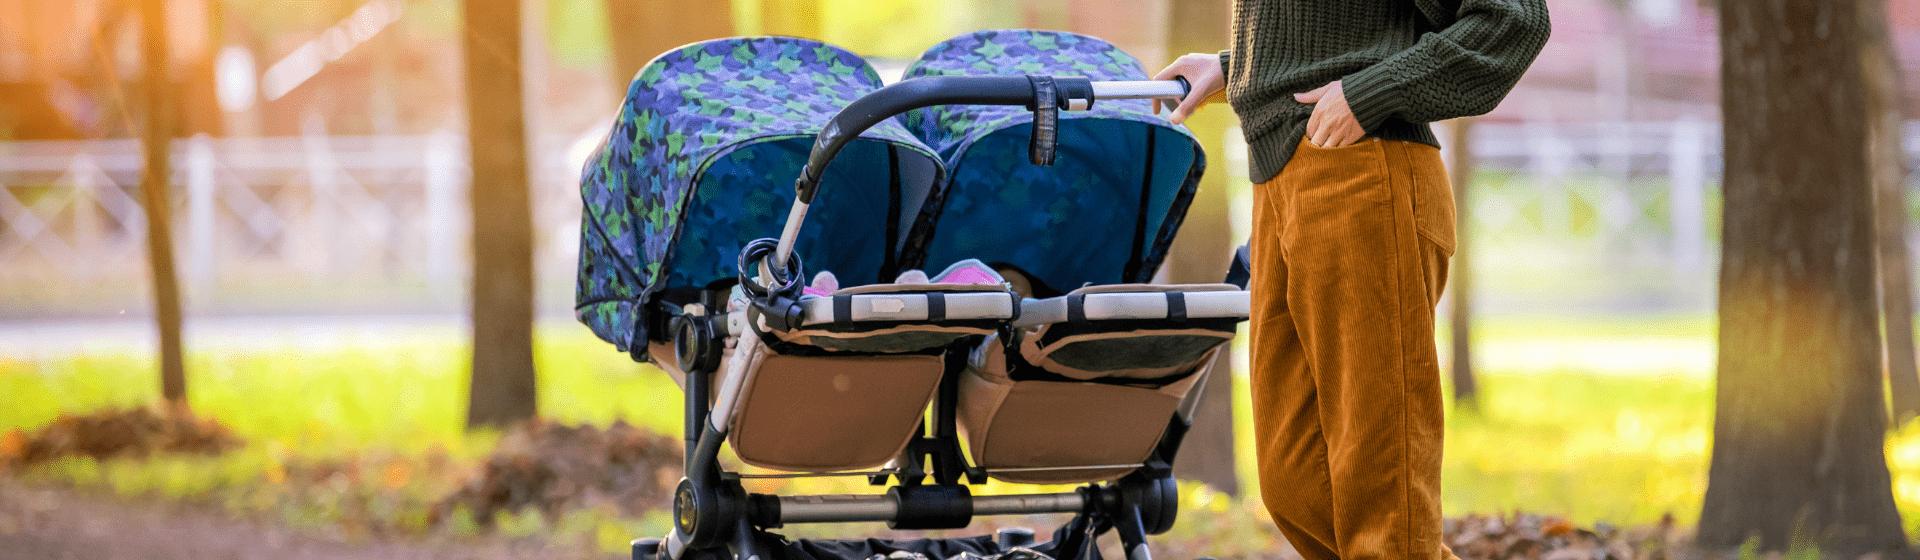 Carrinho de bebê para gêmeos: 8 modelos para comprar em 2021